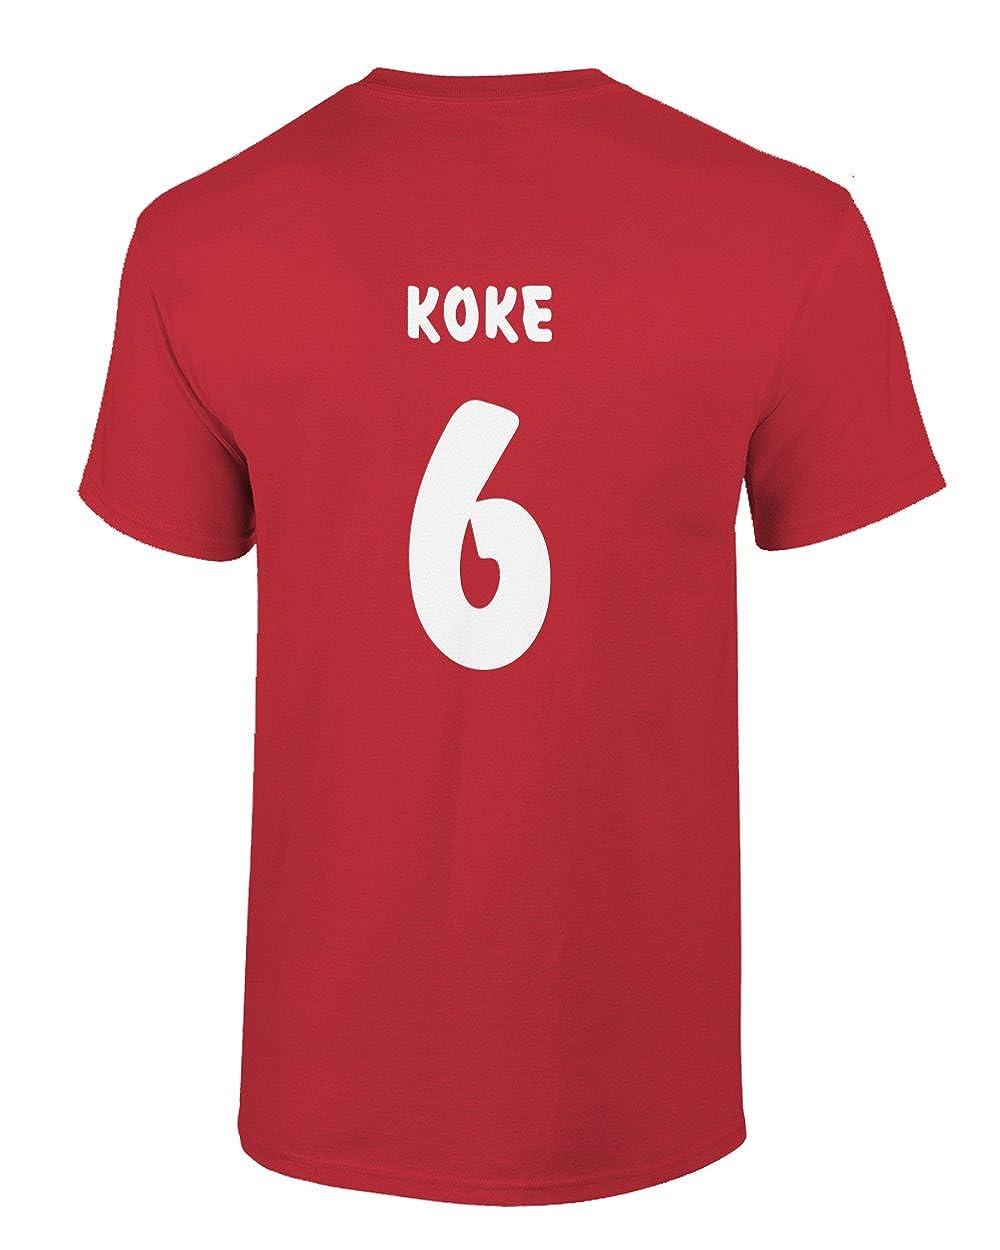 Smart Zone Atletico Madrid Shirt Koke Mens T- Shirt at Amazon Mens Clothing store: